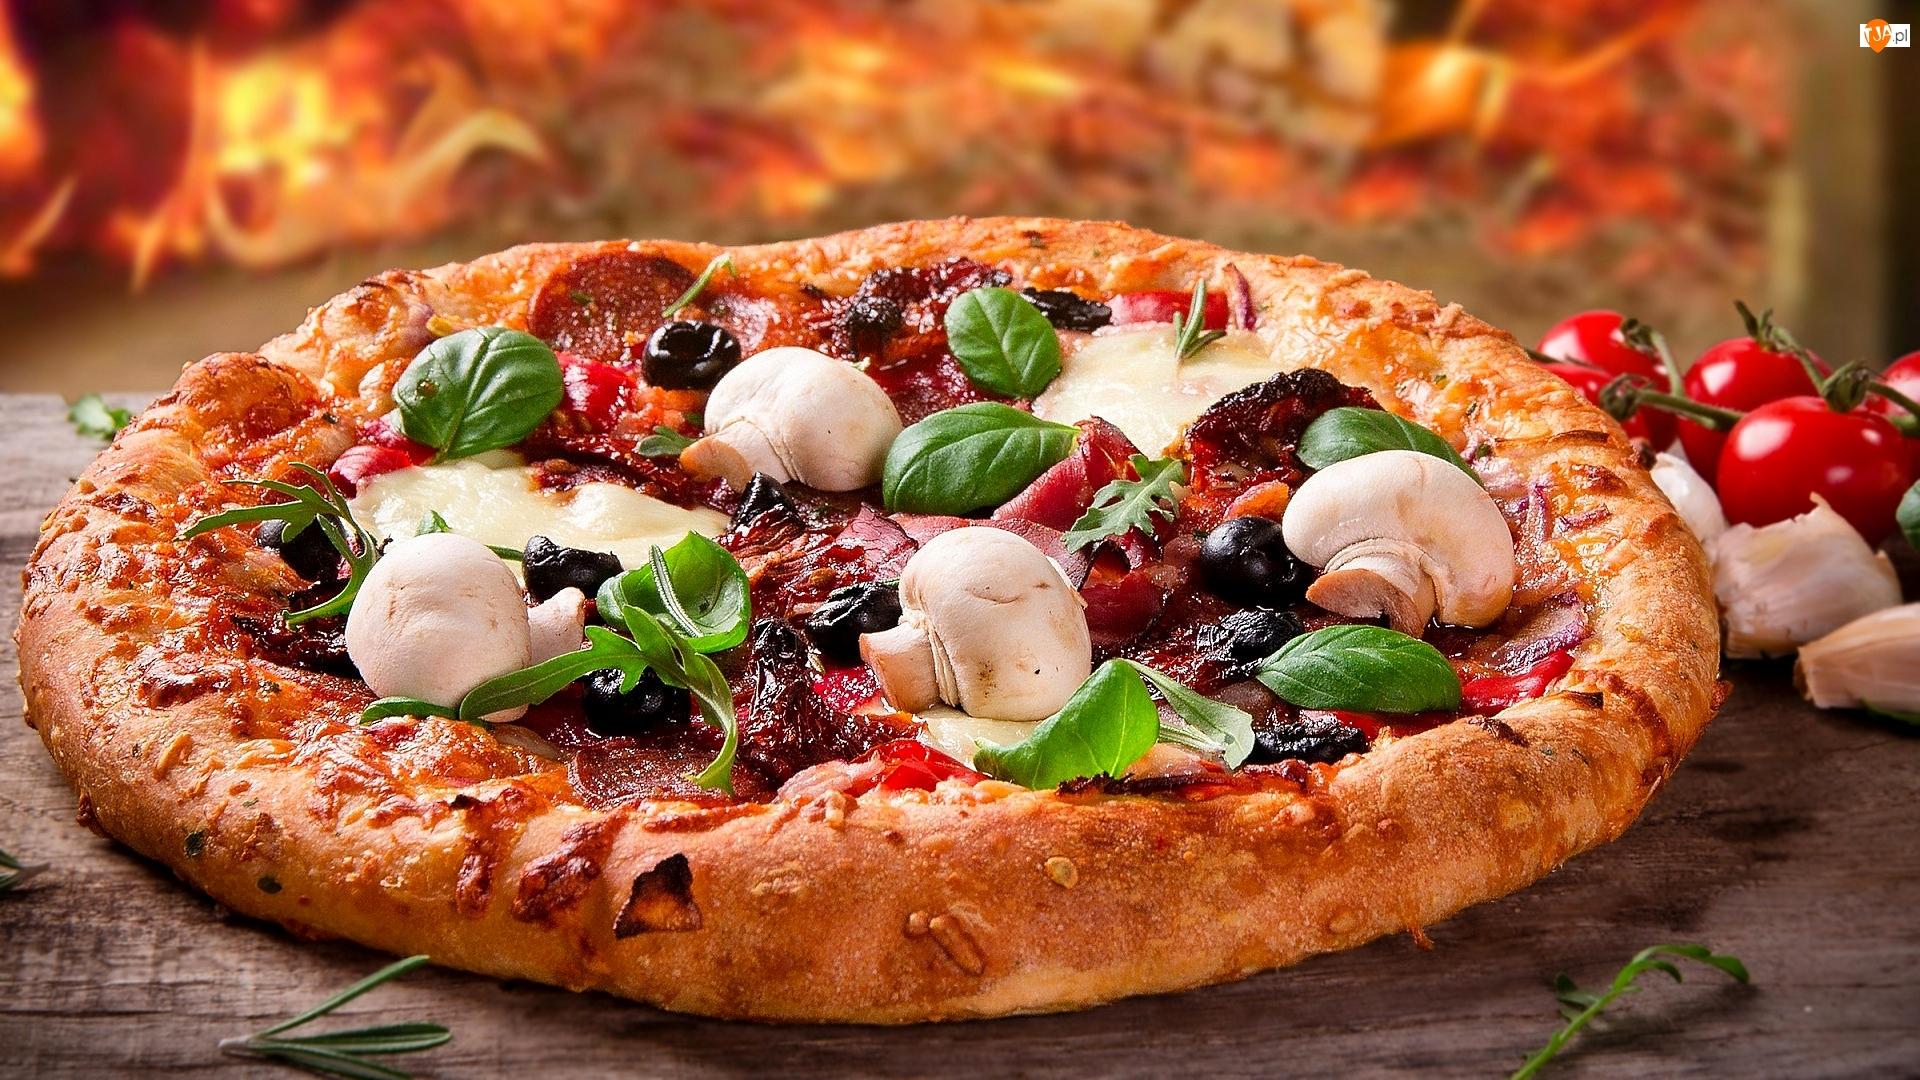 Pieczarki, Pizza, Wędlina, Bazylia, Pomidory, Oliwki